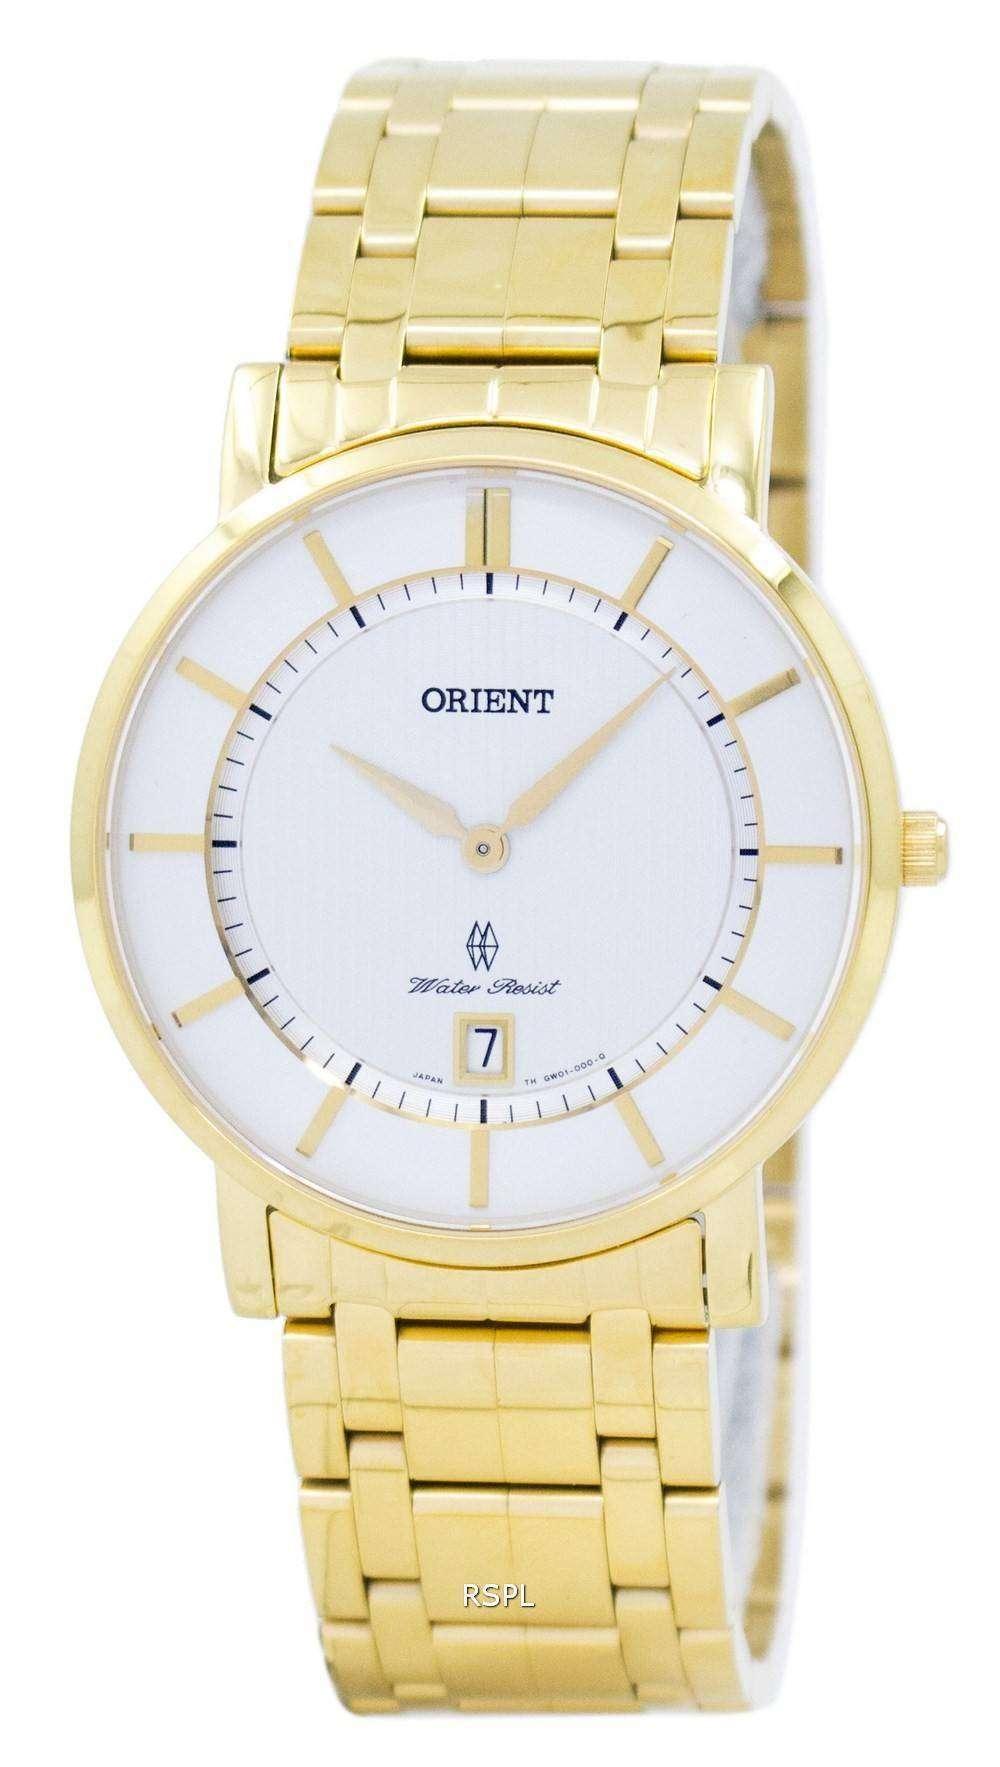 オリエント クラシック クラス水晶 SGW01001W0 メンズ時計